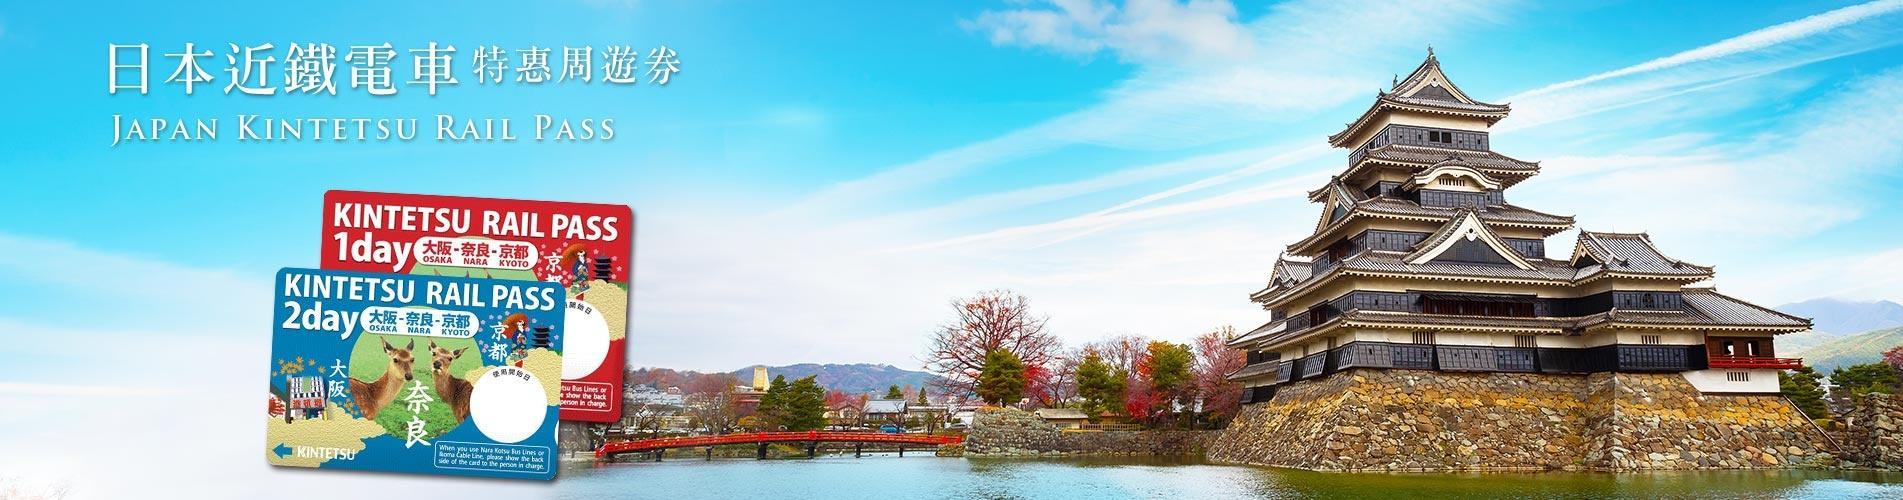 日本近鐵電車特惠周遊券